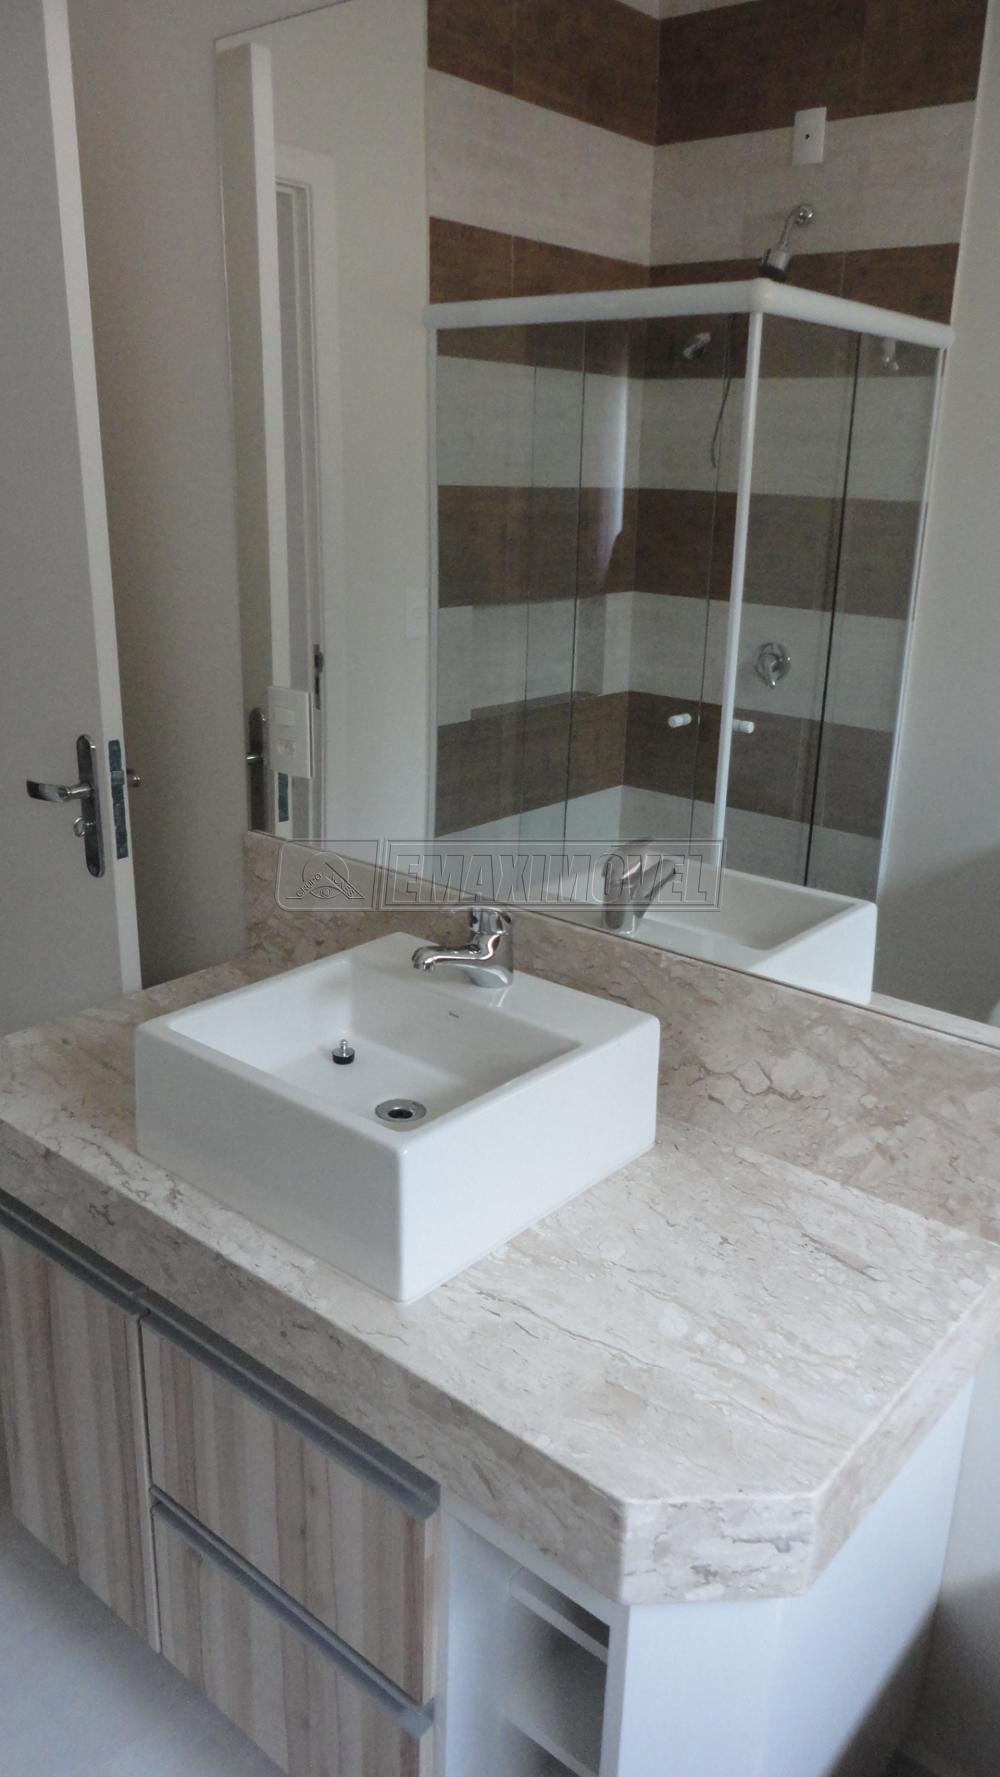 Comprar Casa / em Condomínios em Itu R$ 1.700.000,00 - Foto 19